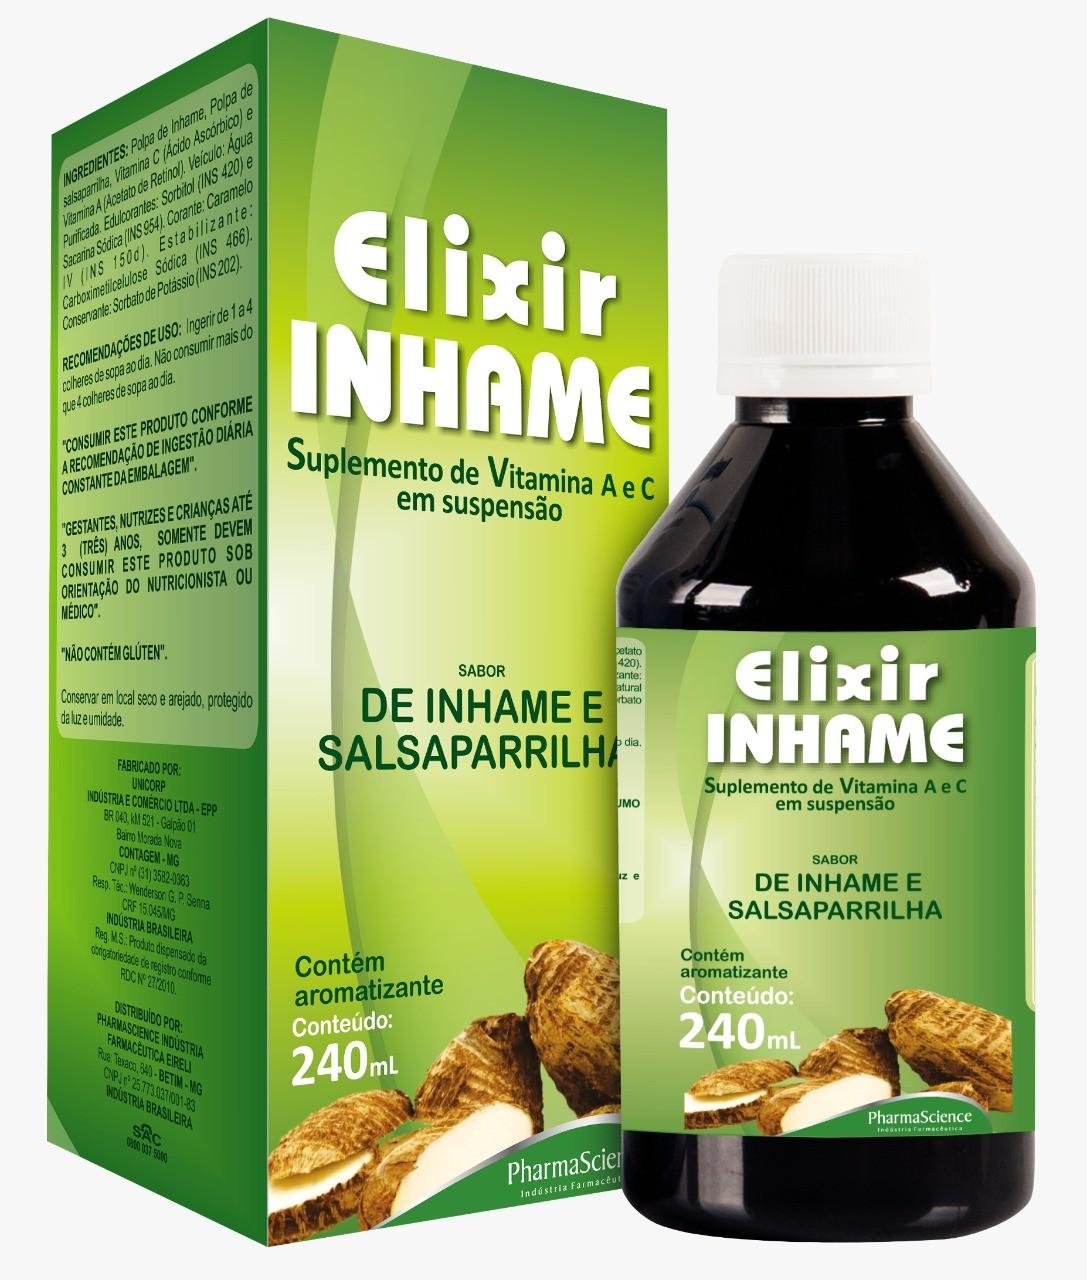 Foto 1 - Elixir de Inhame Sabor de Inhame e Salsaparrilha C/240ml